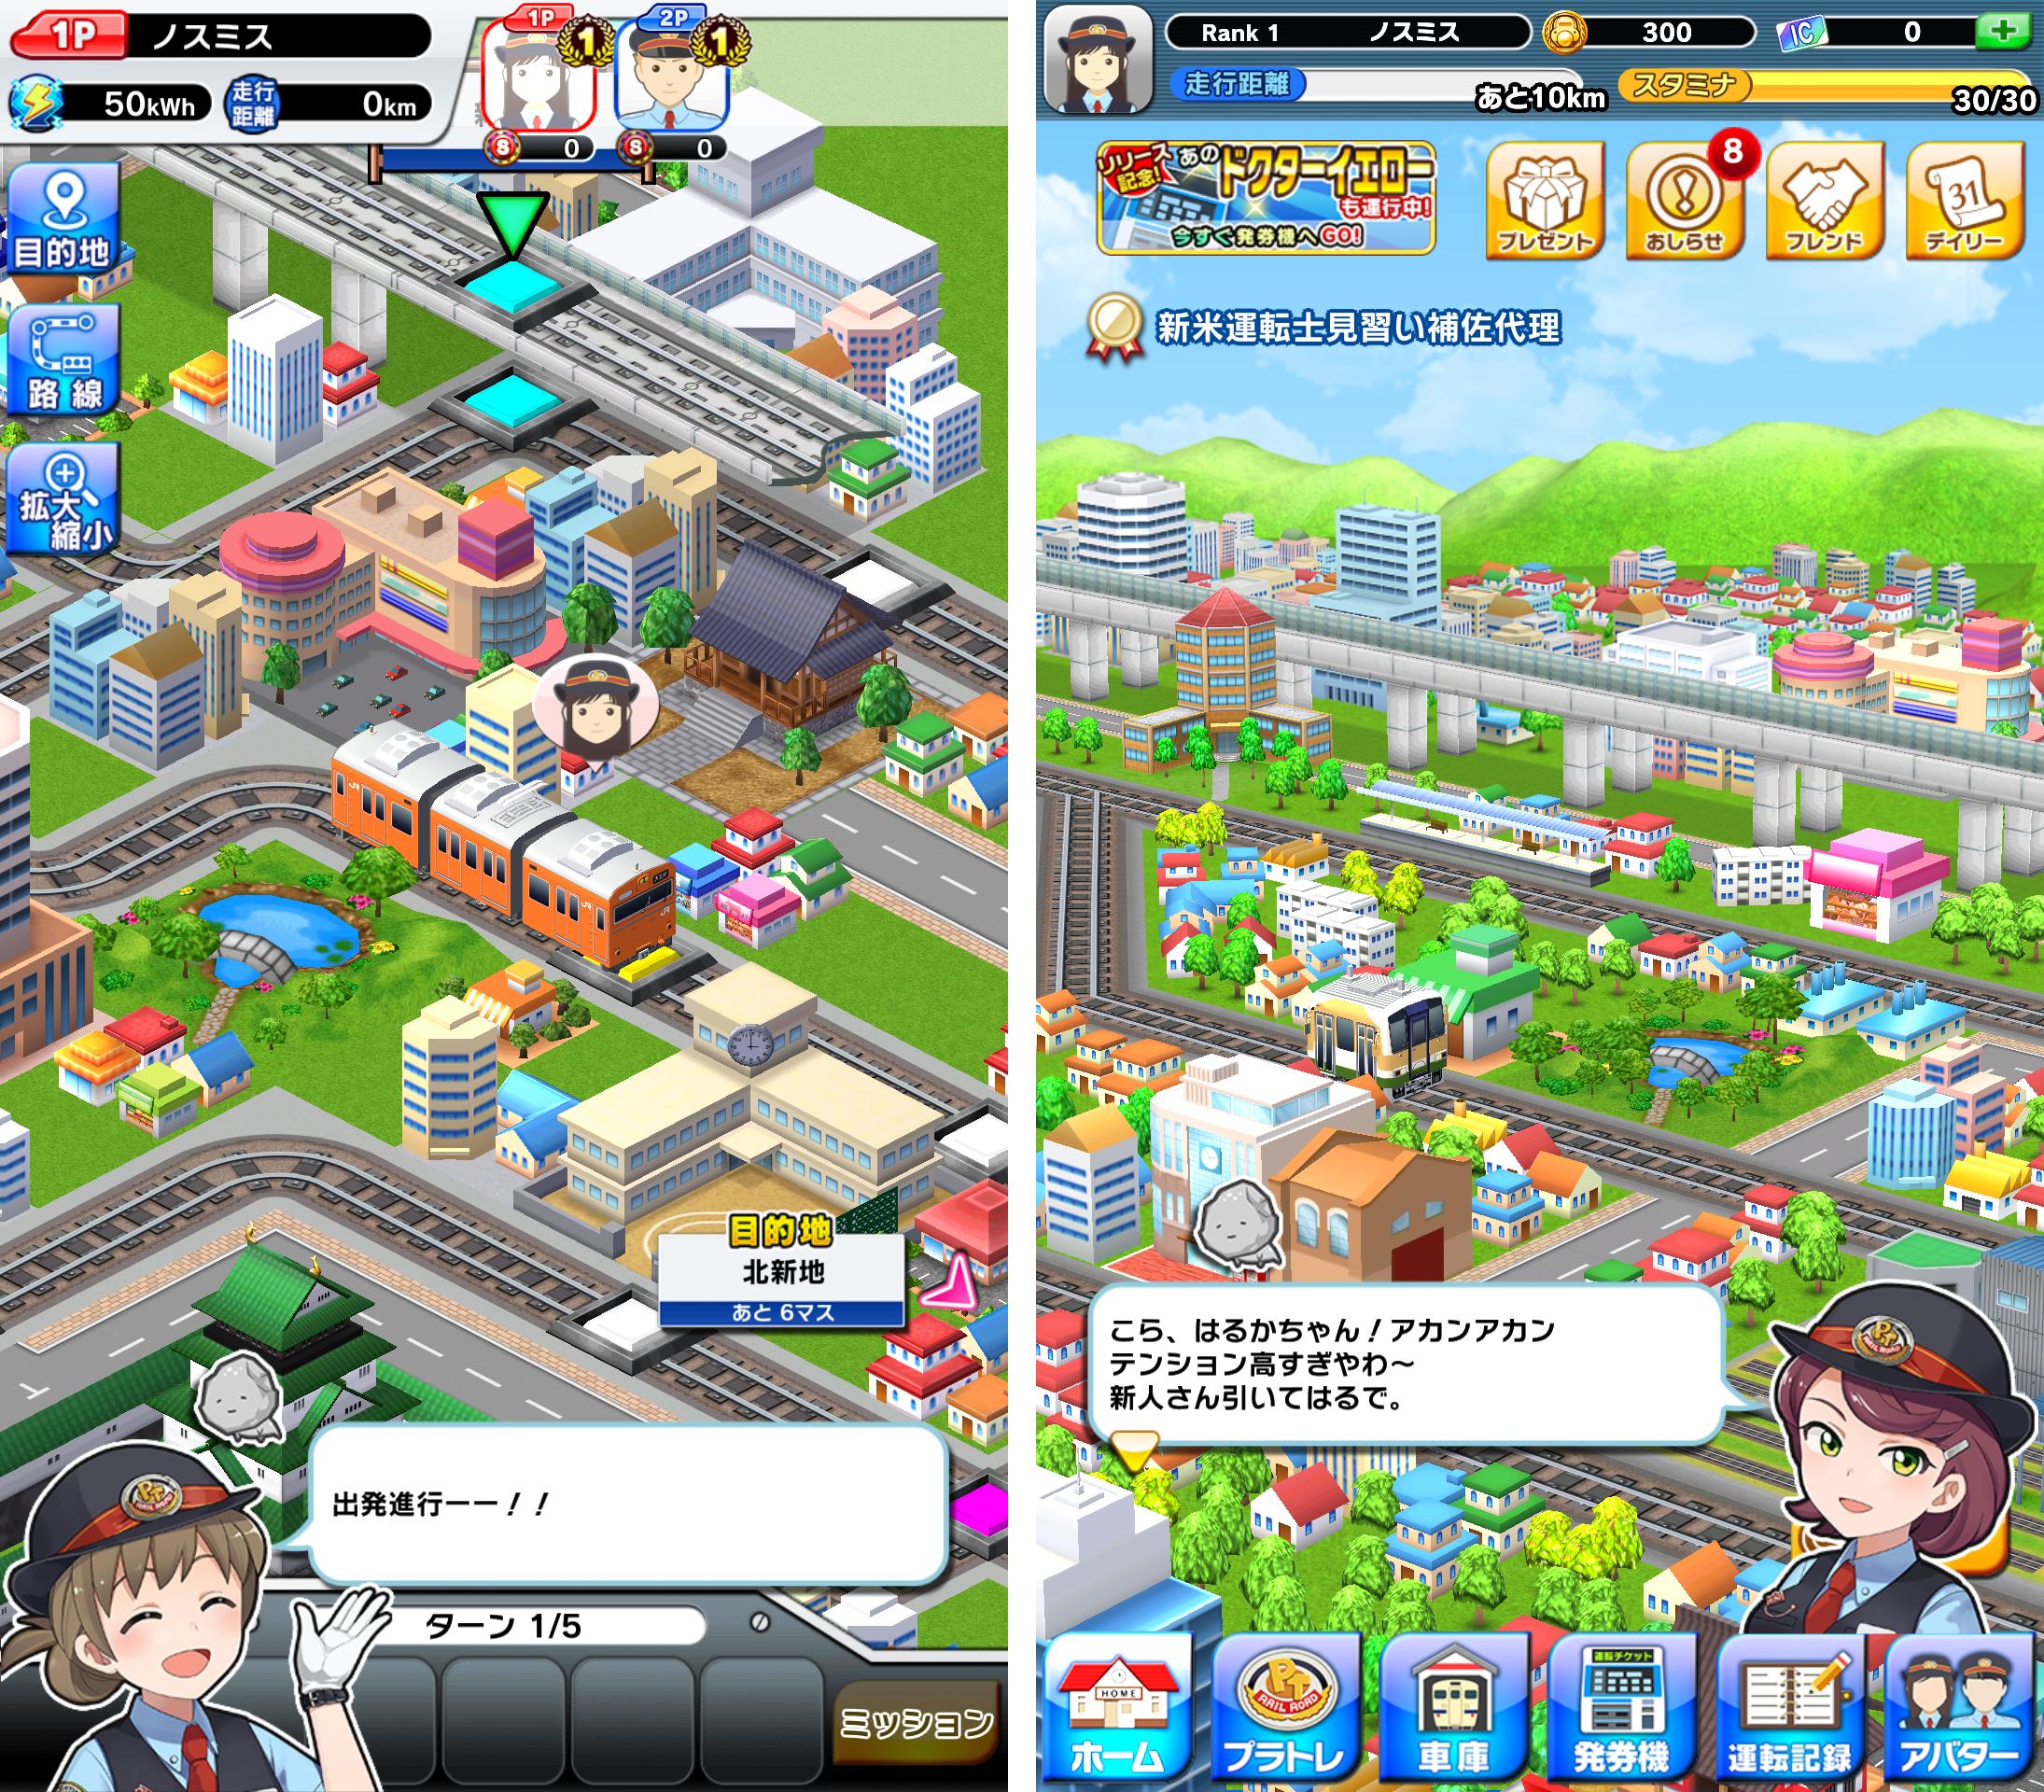 プラチナ・トレイン -JR日本縦断てつどうの旅- androidアプリスクリーンショット1